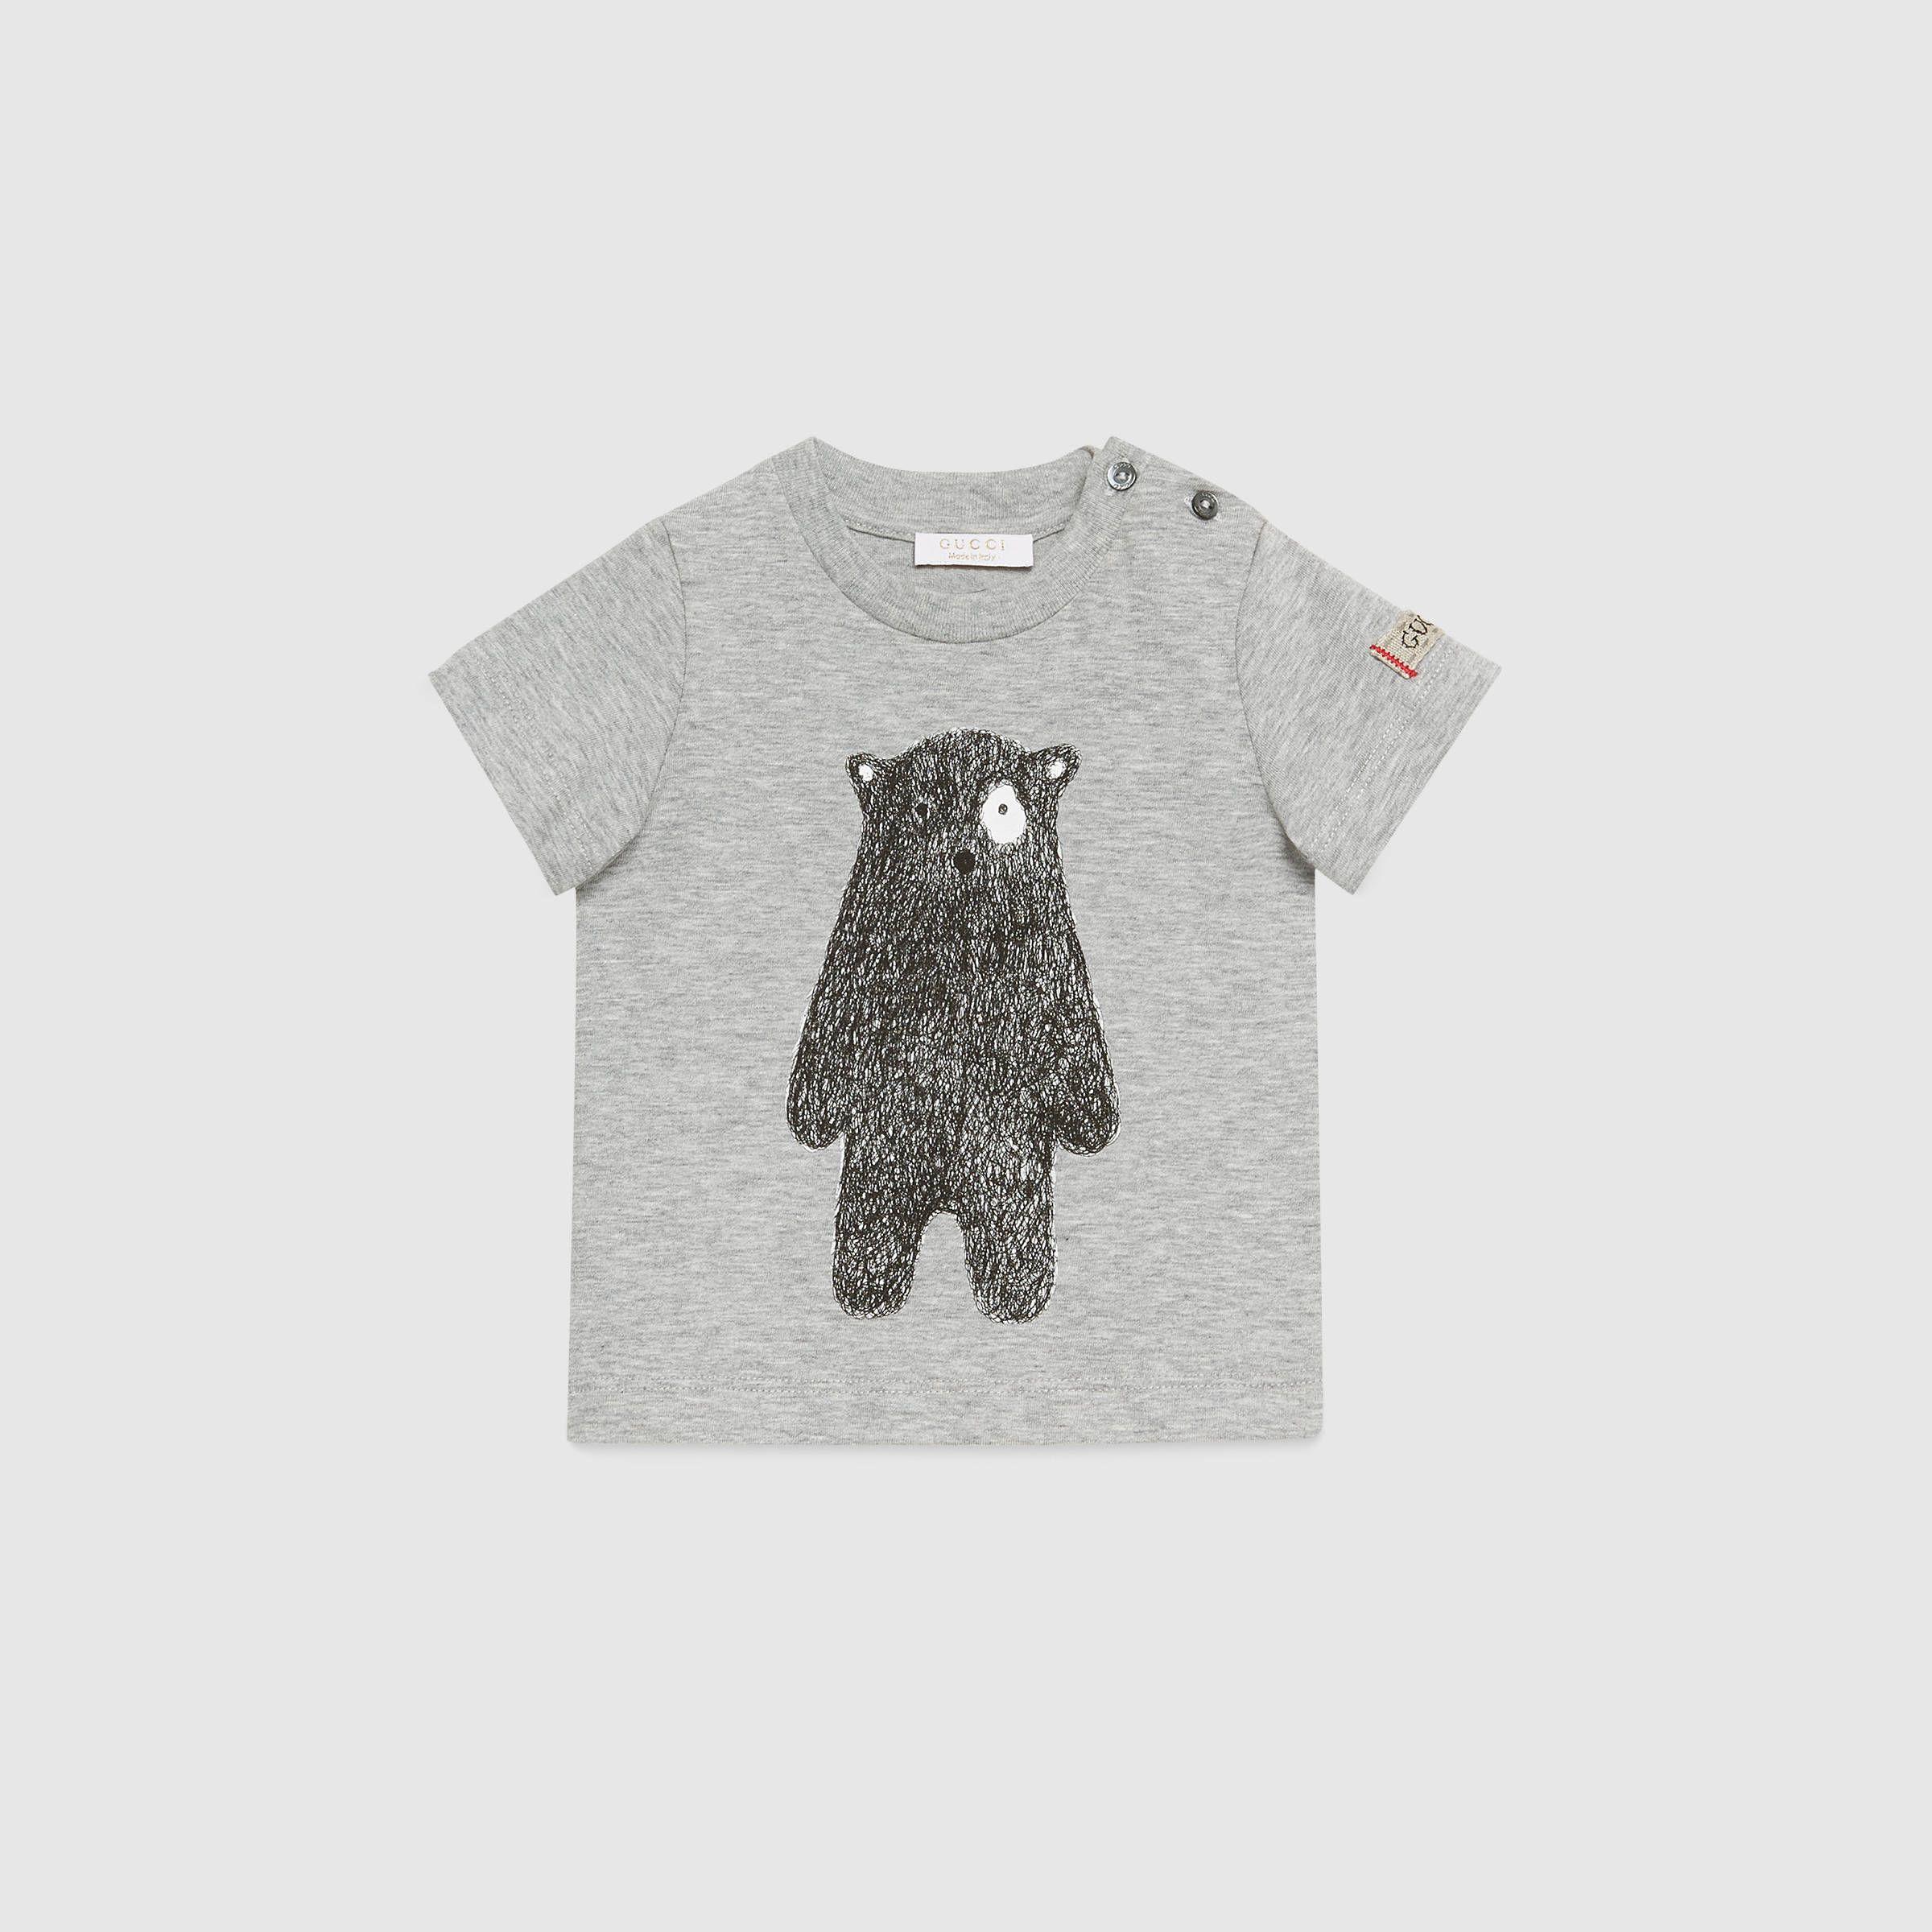 0aacc7add Gucci Children - Baby bear print cotton t-shirt - 418733X3D411263 ...